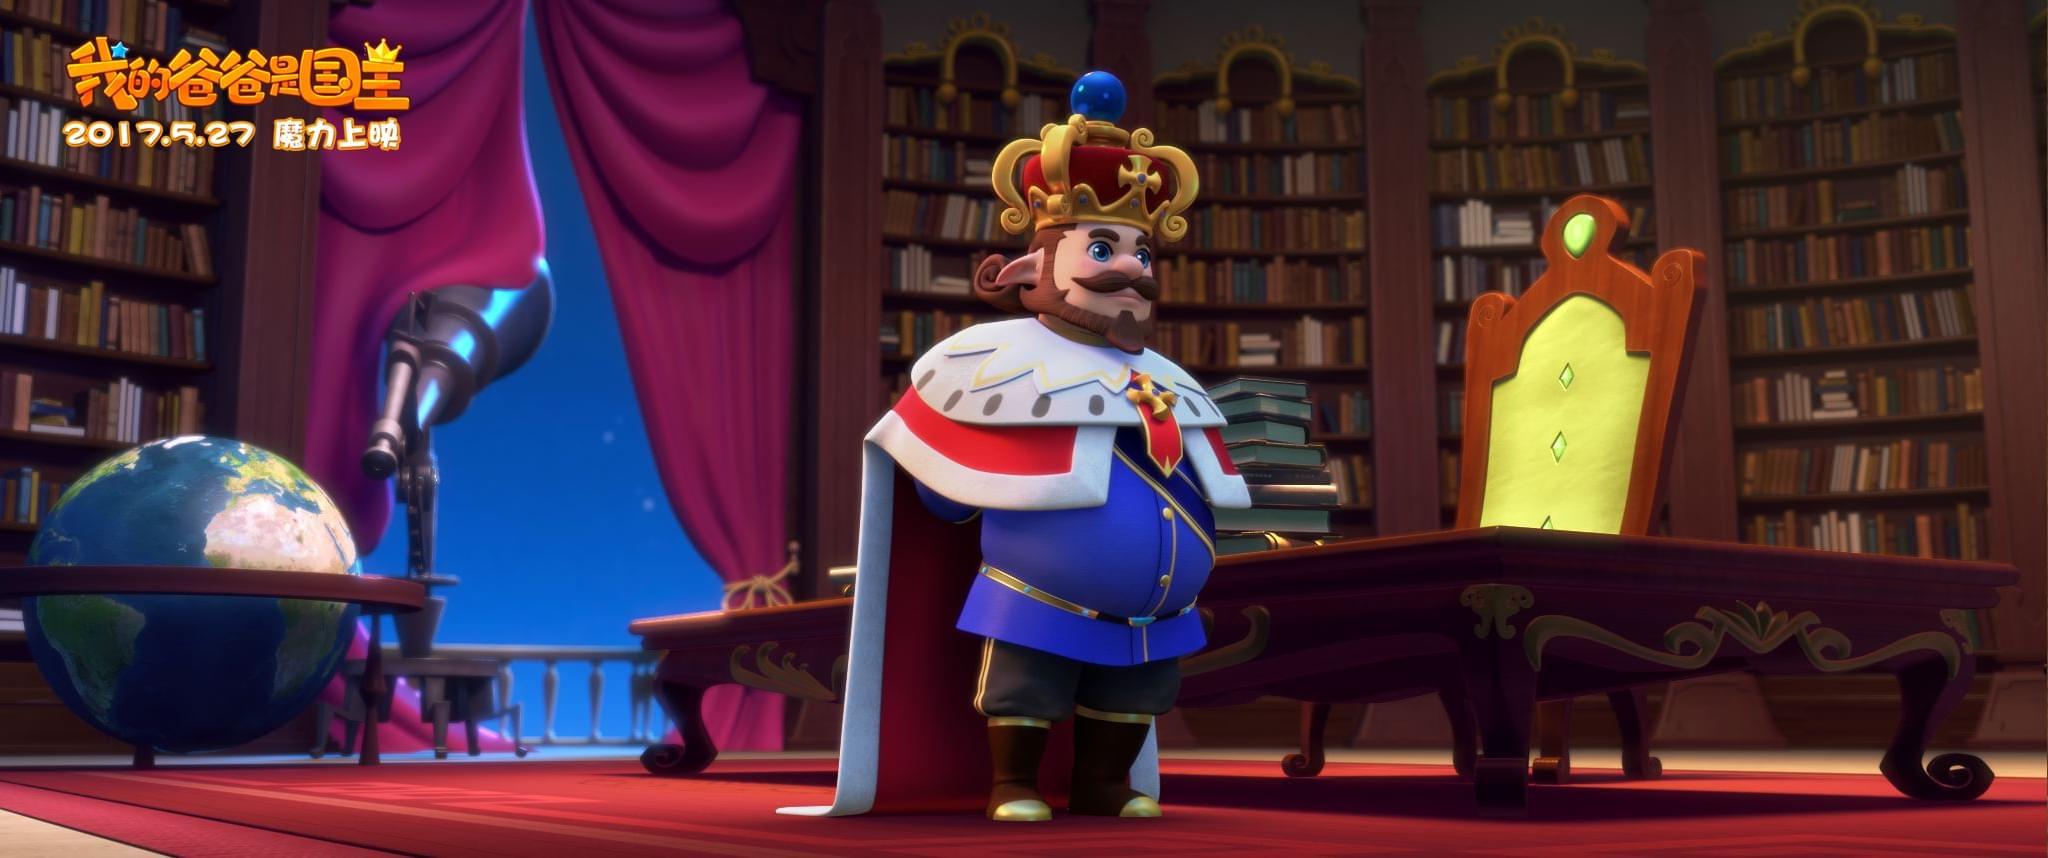 揭秘动画原型 《我的爸爸是国王》曝幕后特辑